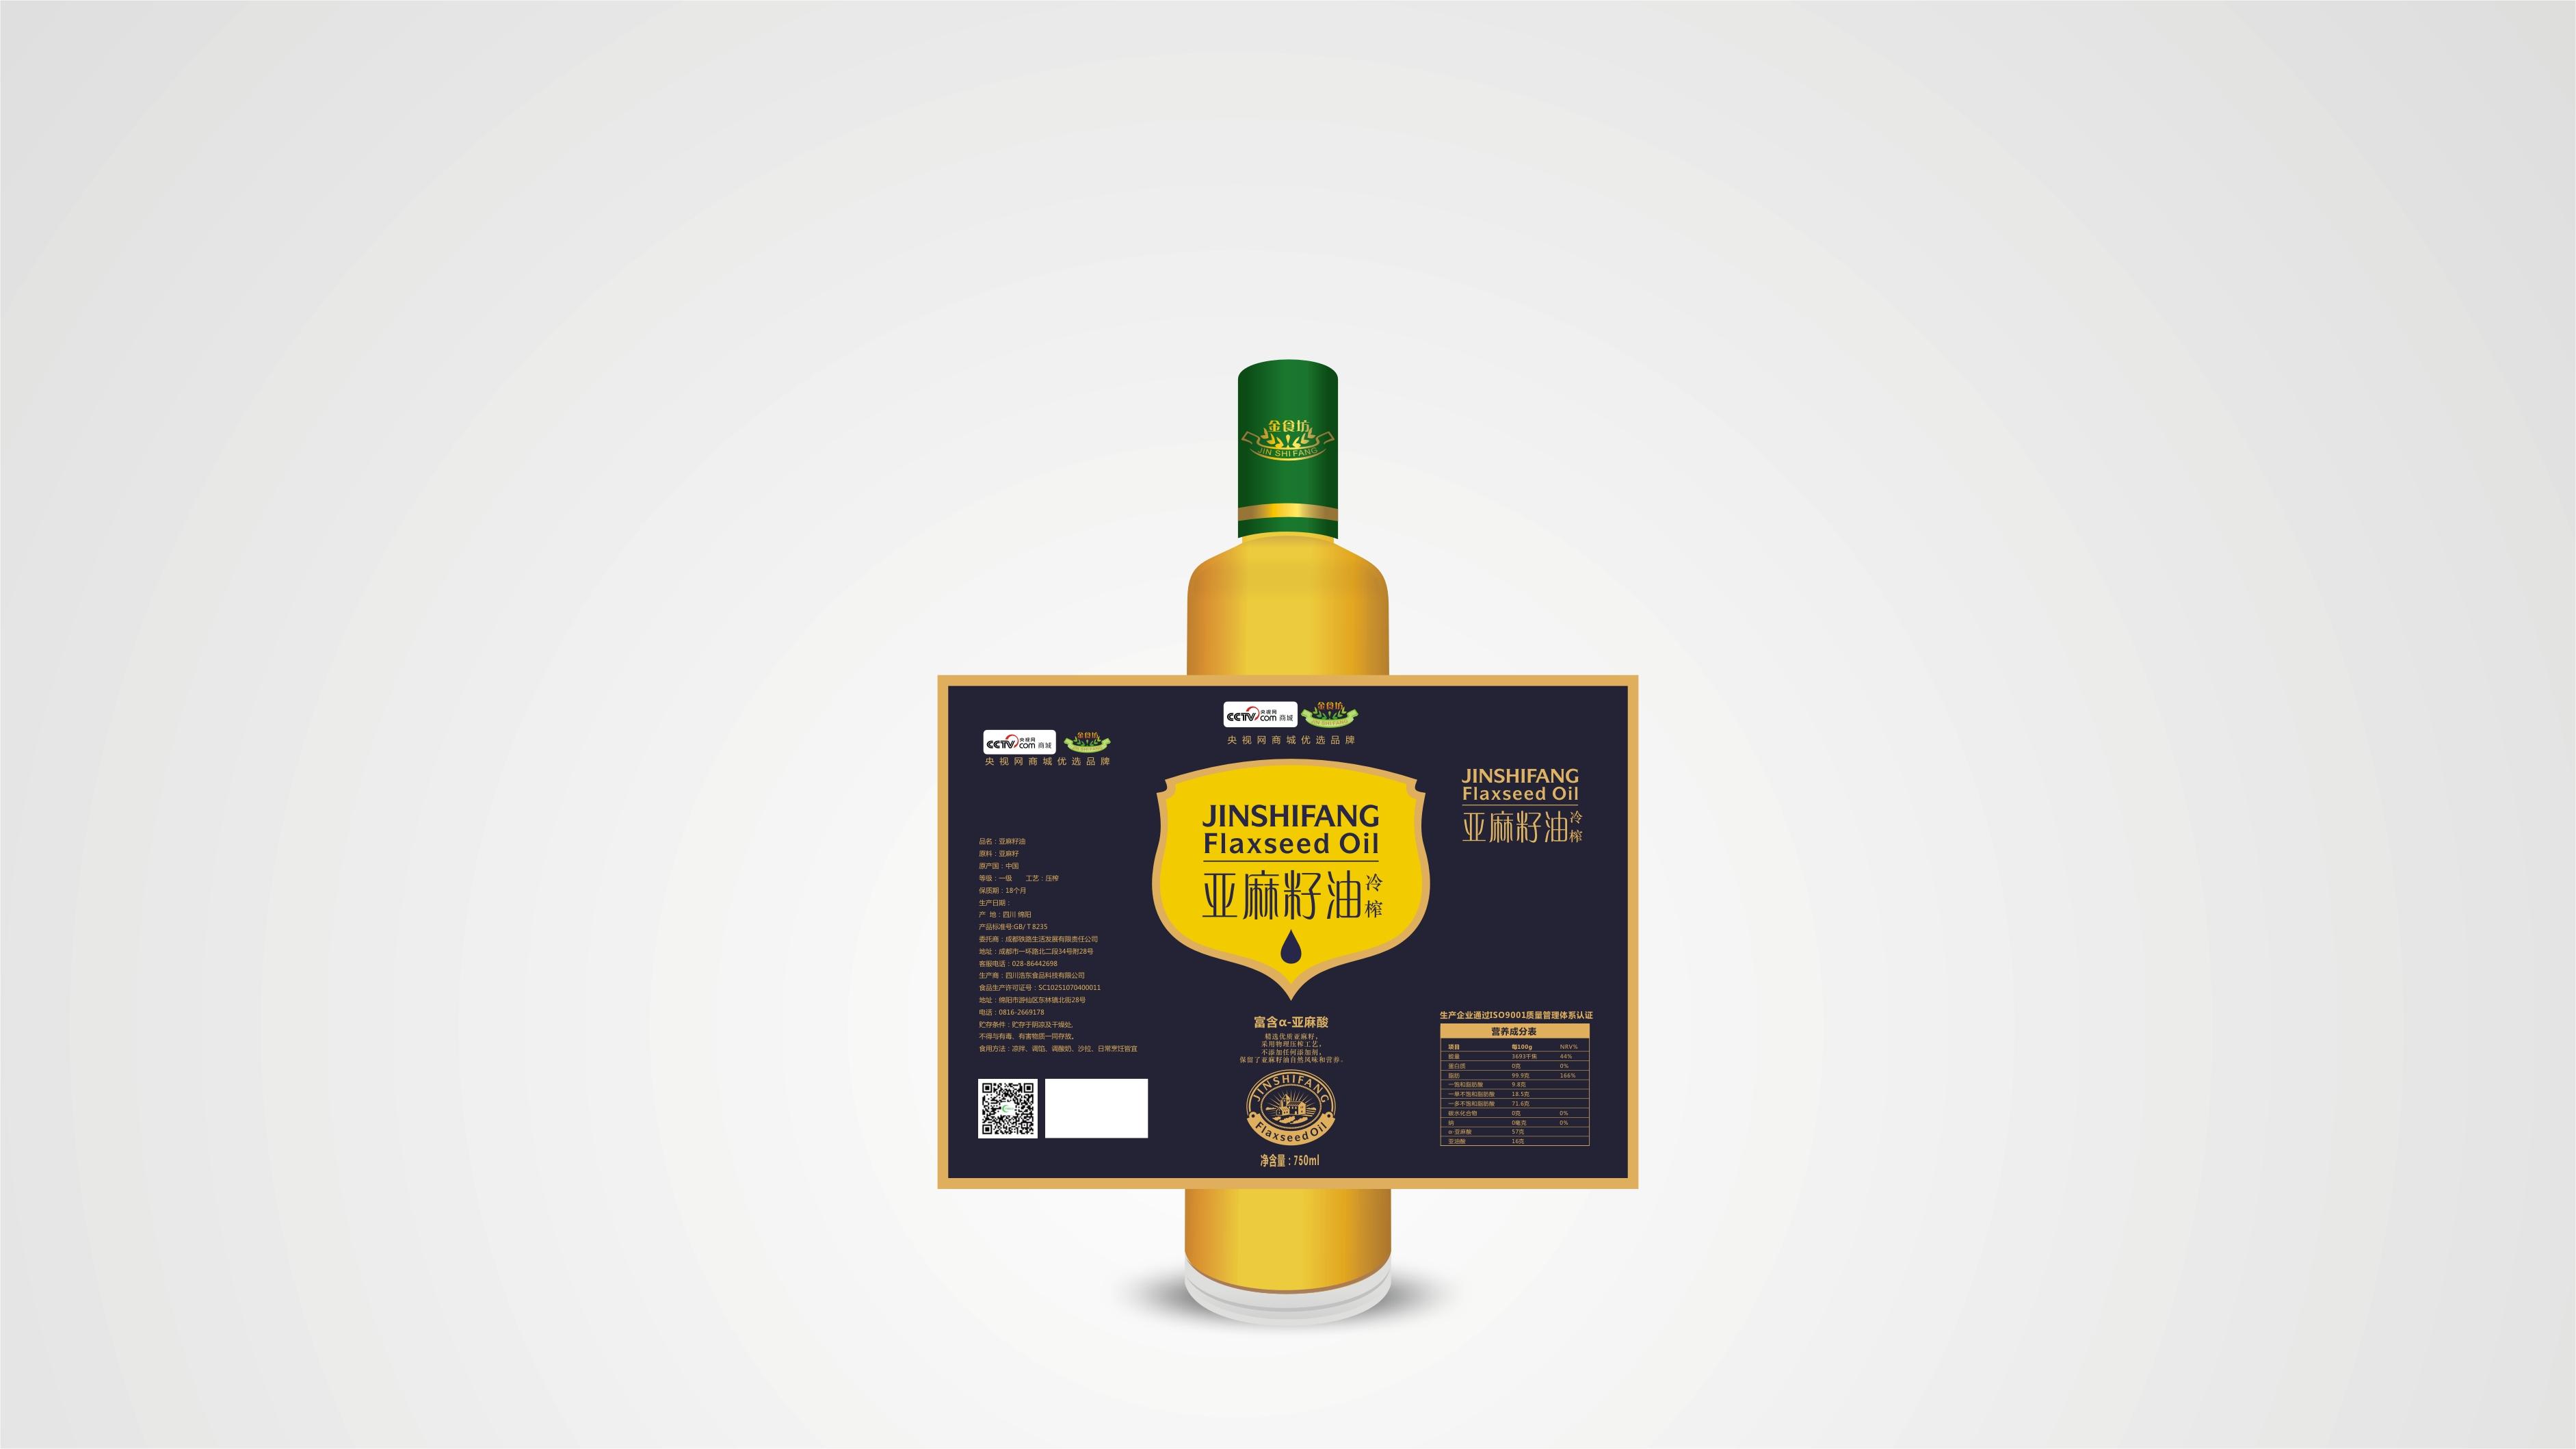 金食坊产品包装设计